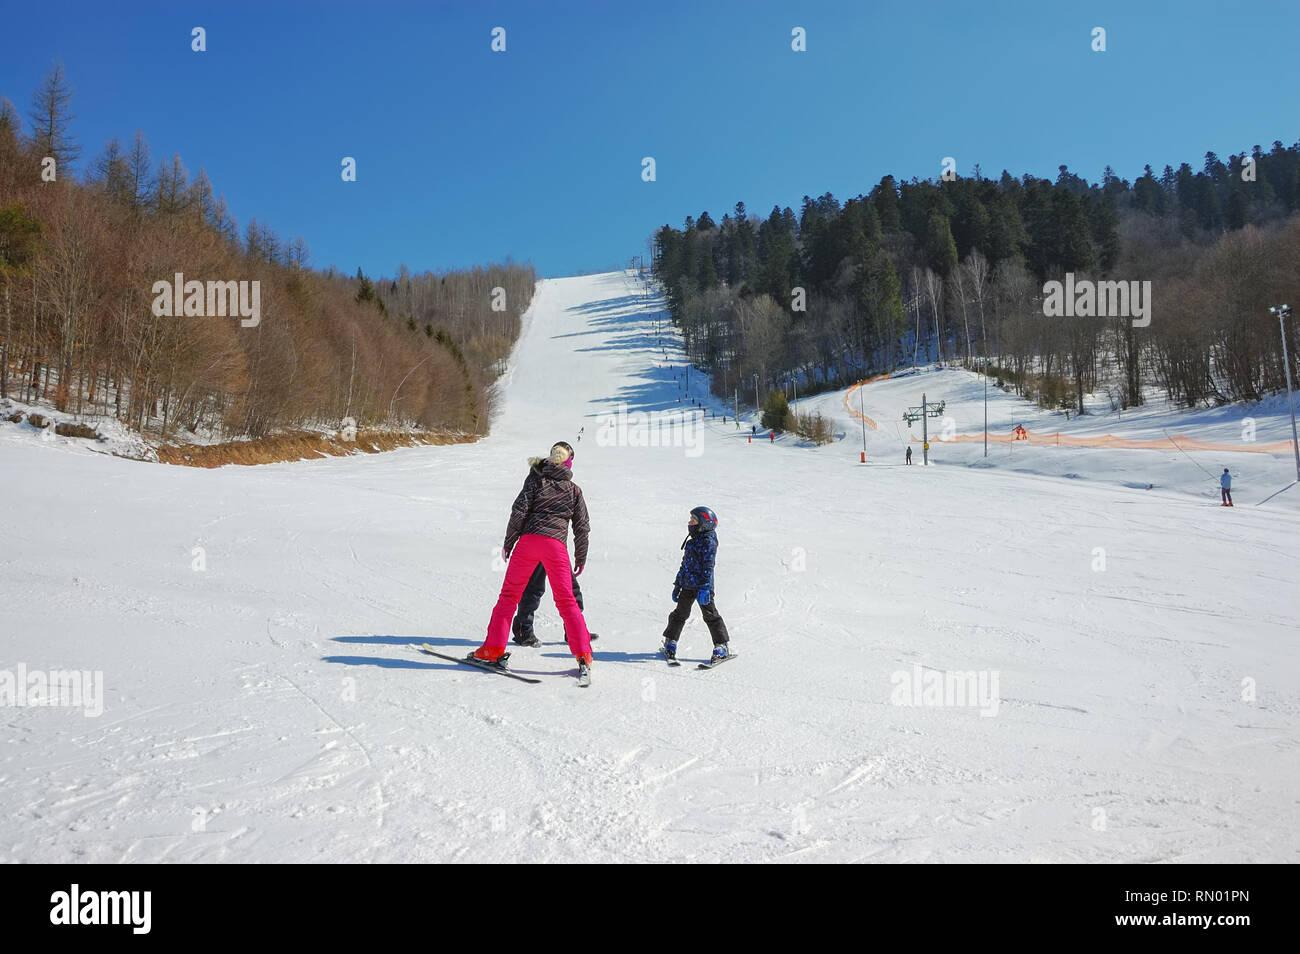 Downhill skiing in Ski Resort Levoska Dolina, Slovakia - Stock Image